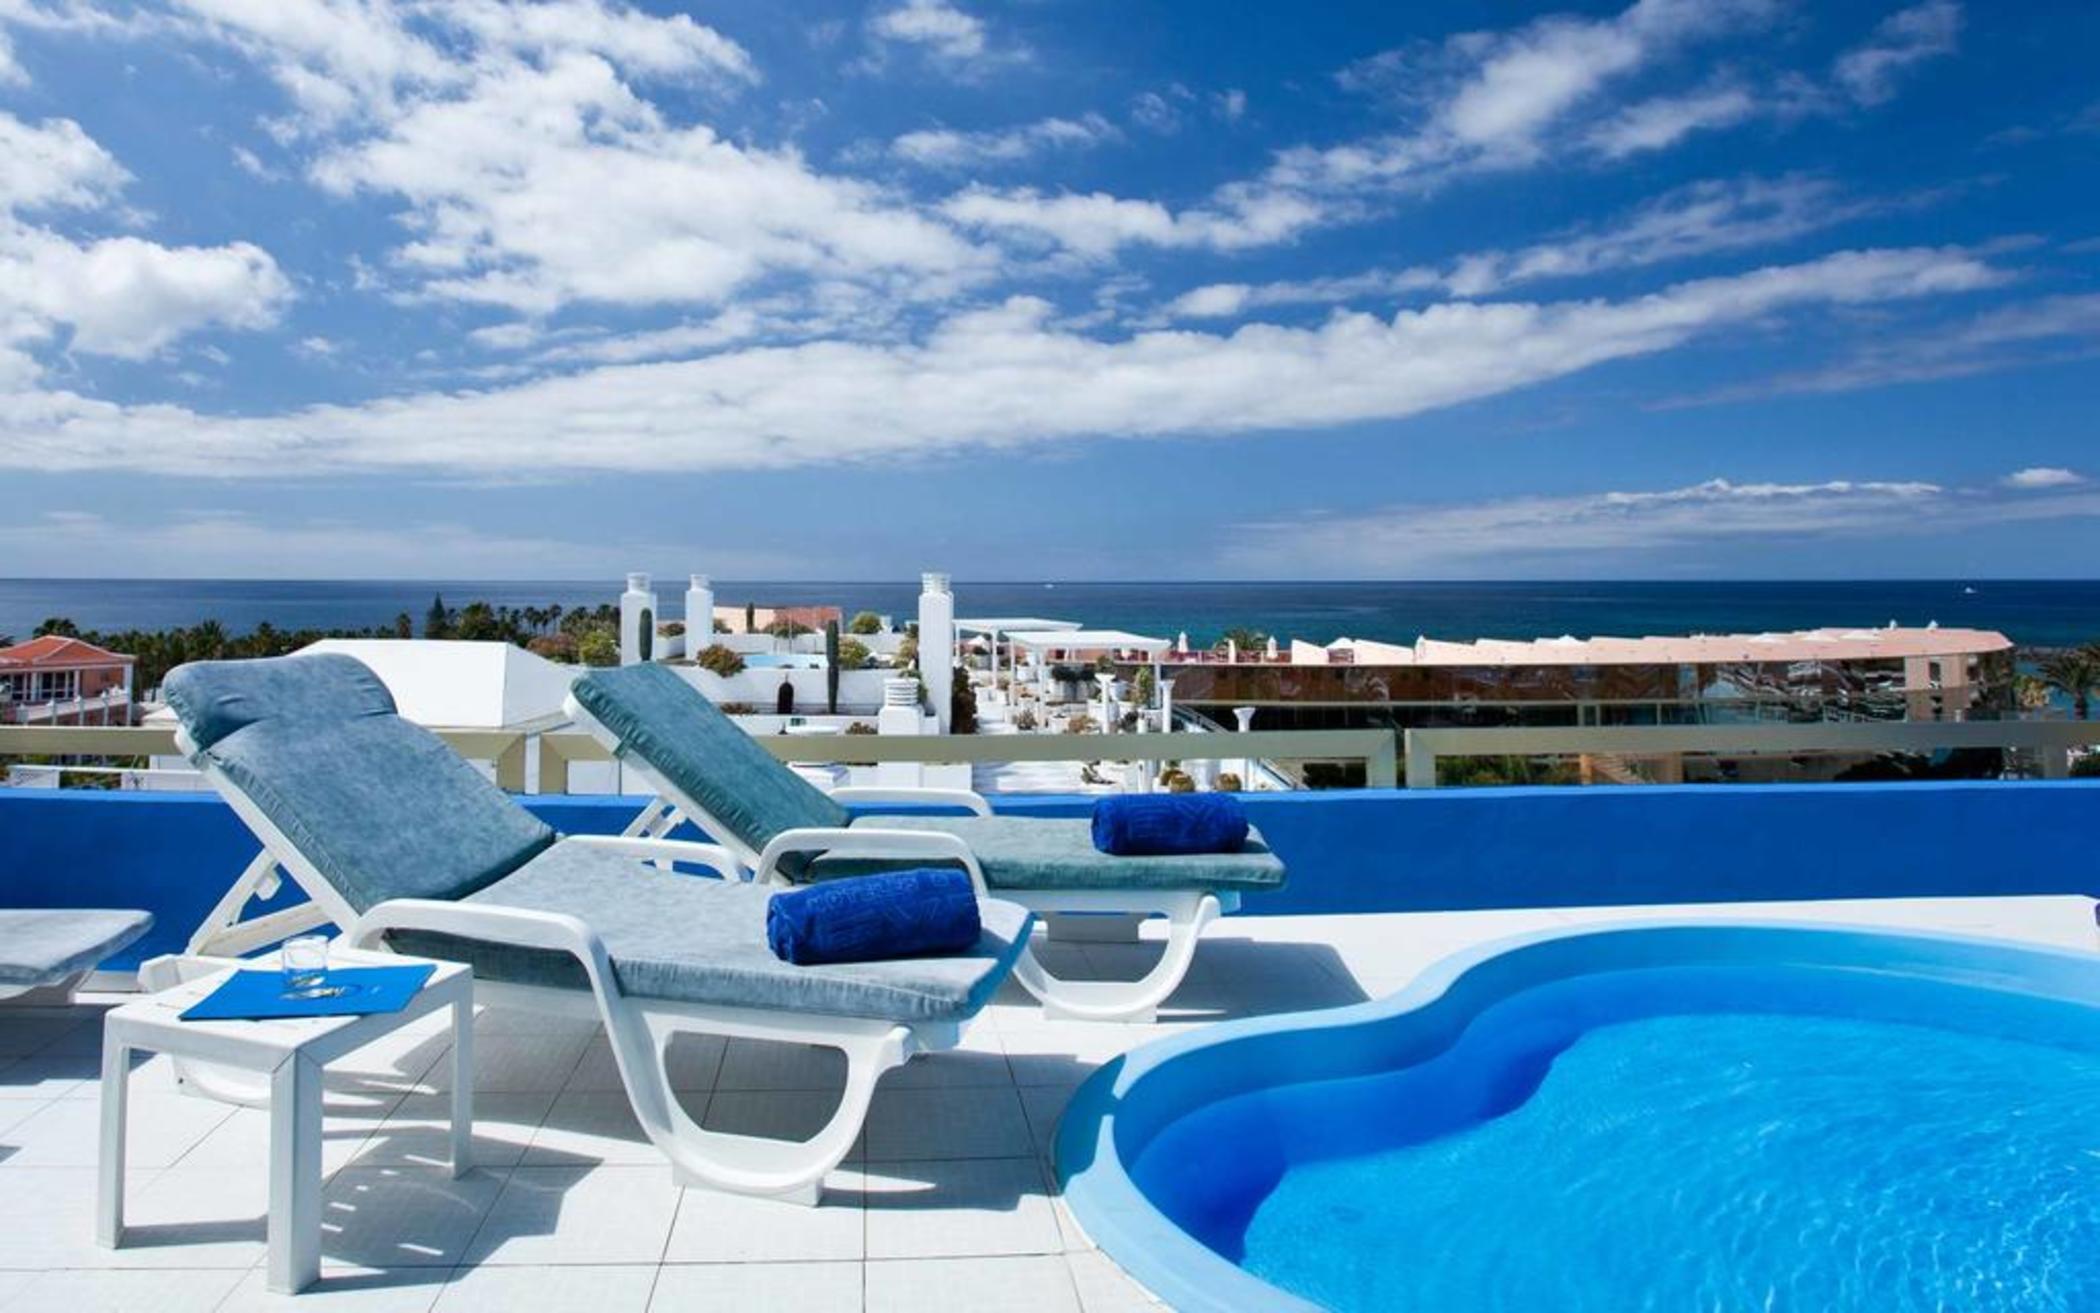 También podría interesarte Hotel Mediterranean Palace